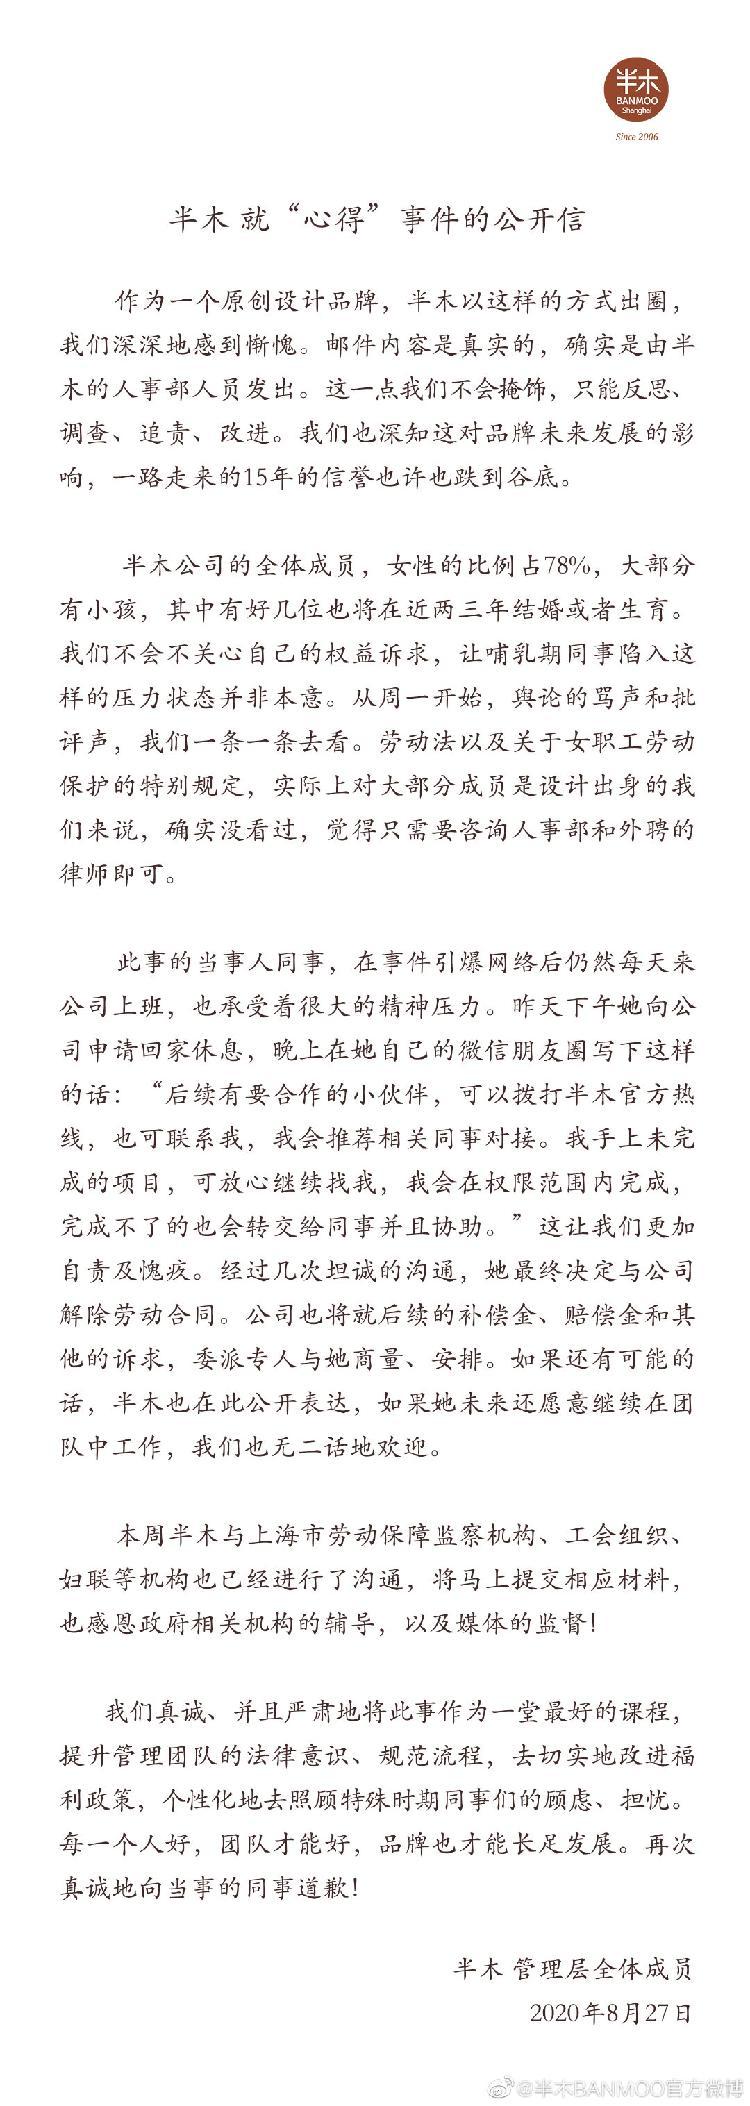 上海哺乳期被要求手写销售心得当事人与公司解除劳动合同|上海哺乳期被要求手写销售心得当事人与公司解除劳动合同